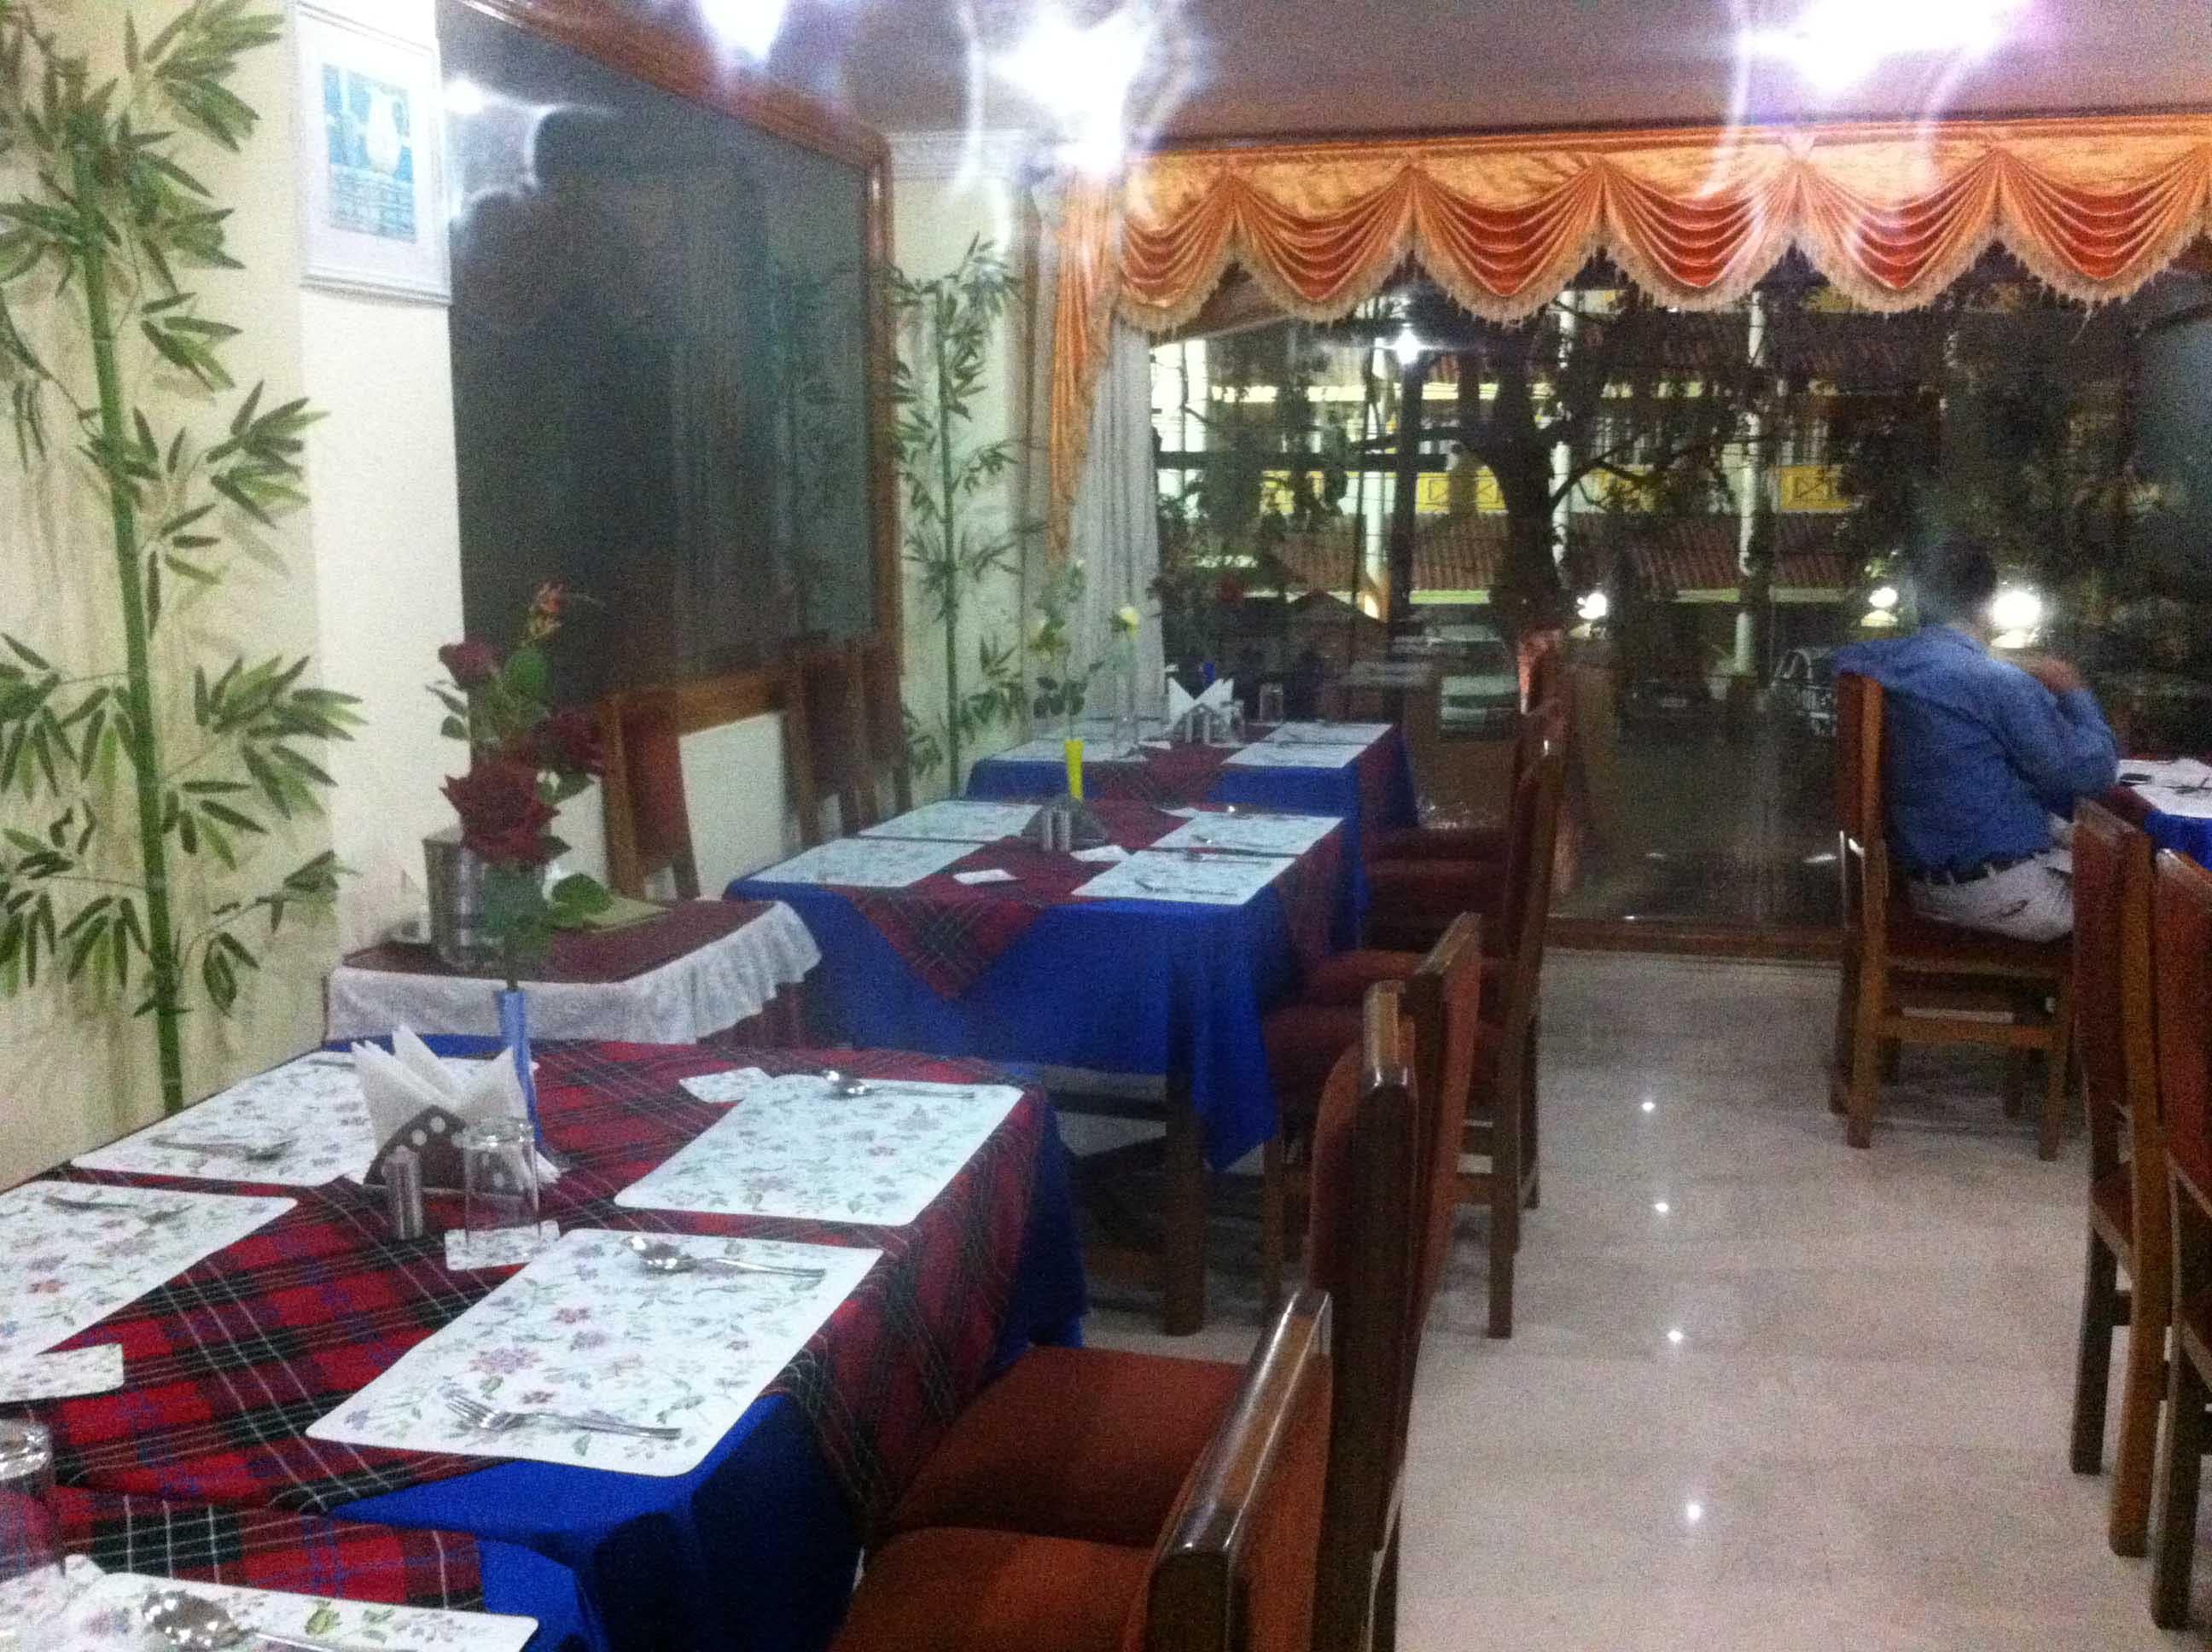 Magnolia Restaurant - Ulubari - Guwahati Image